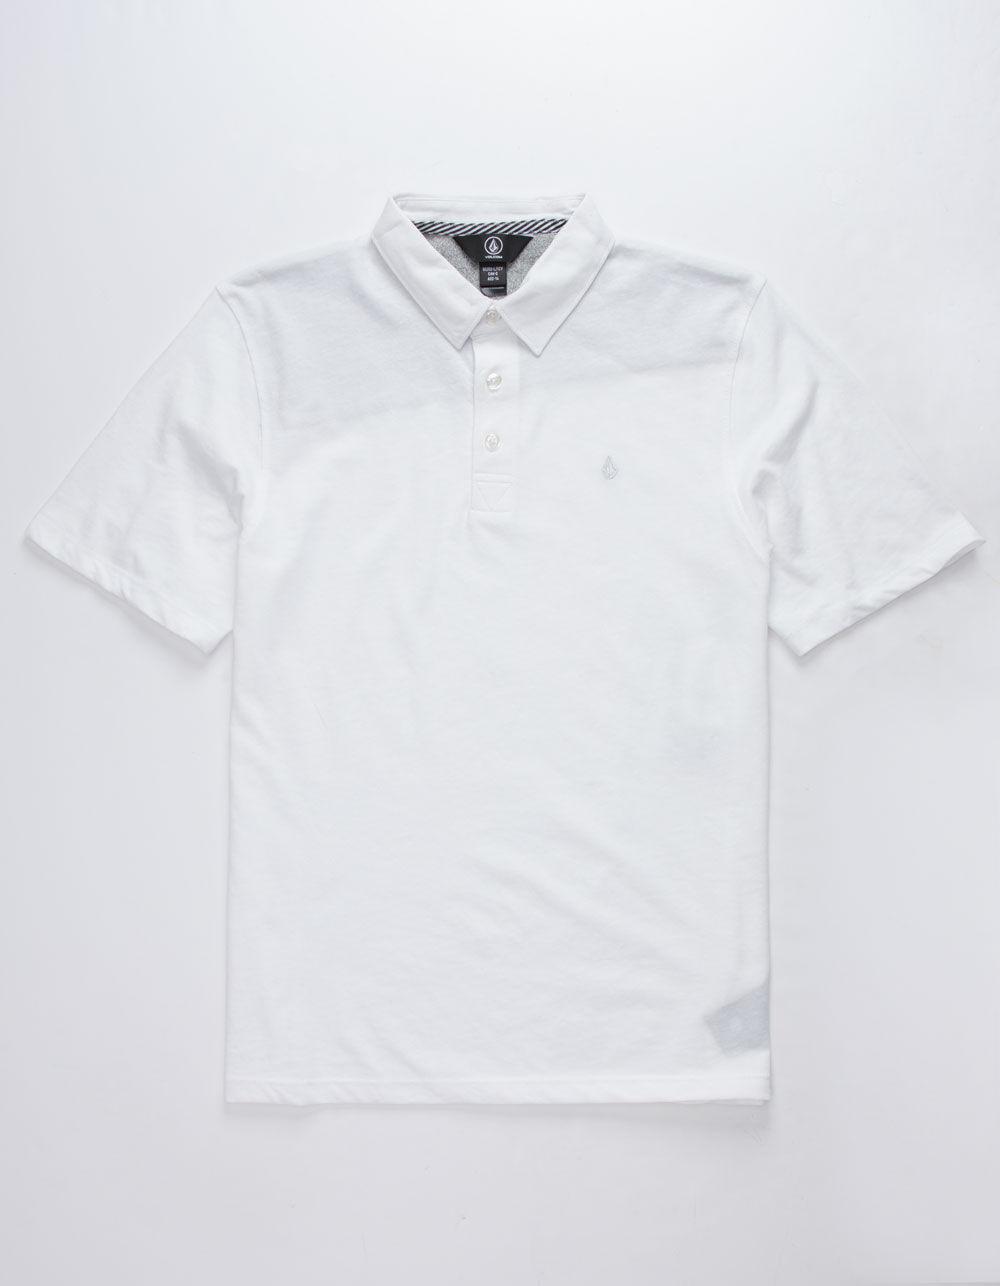 VOLCOM Wowzer White Boys Polo Shirt